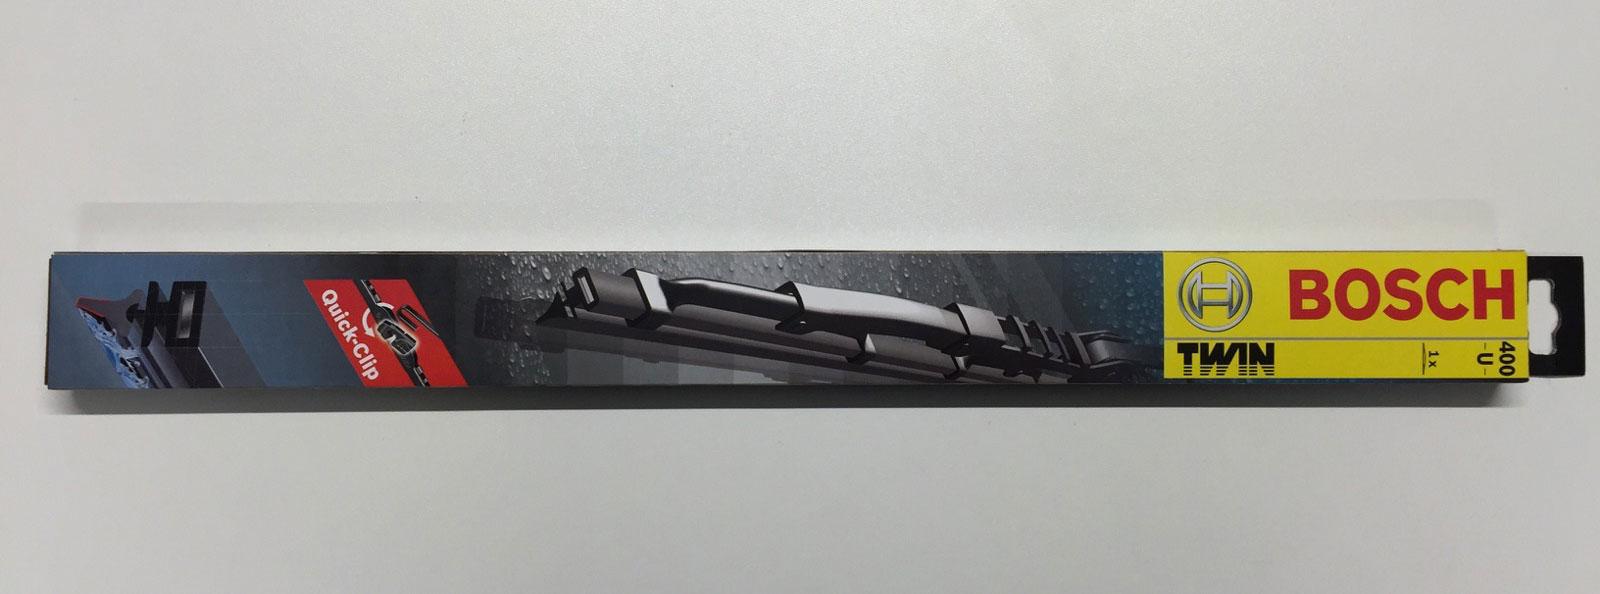 Scheibenwischer / Wischblatt Bosch TWIN 450U Single Bild 1